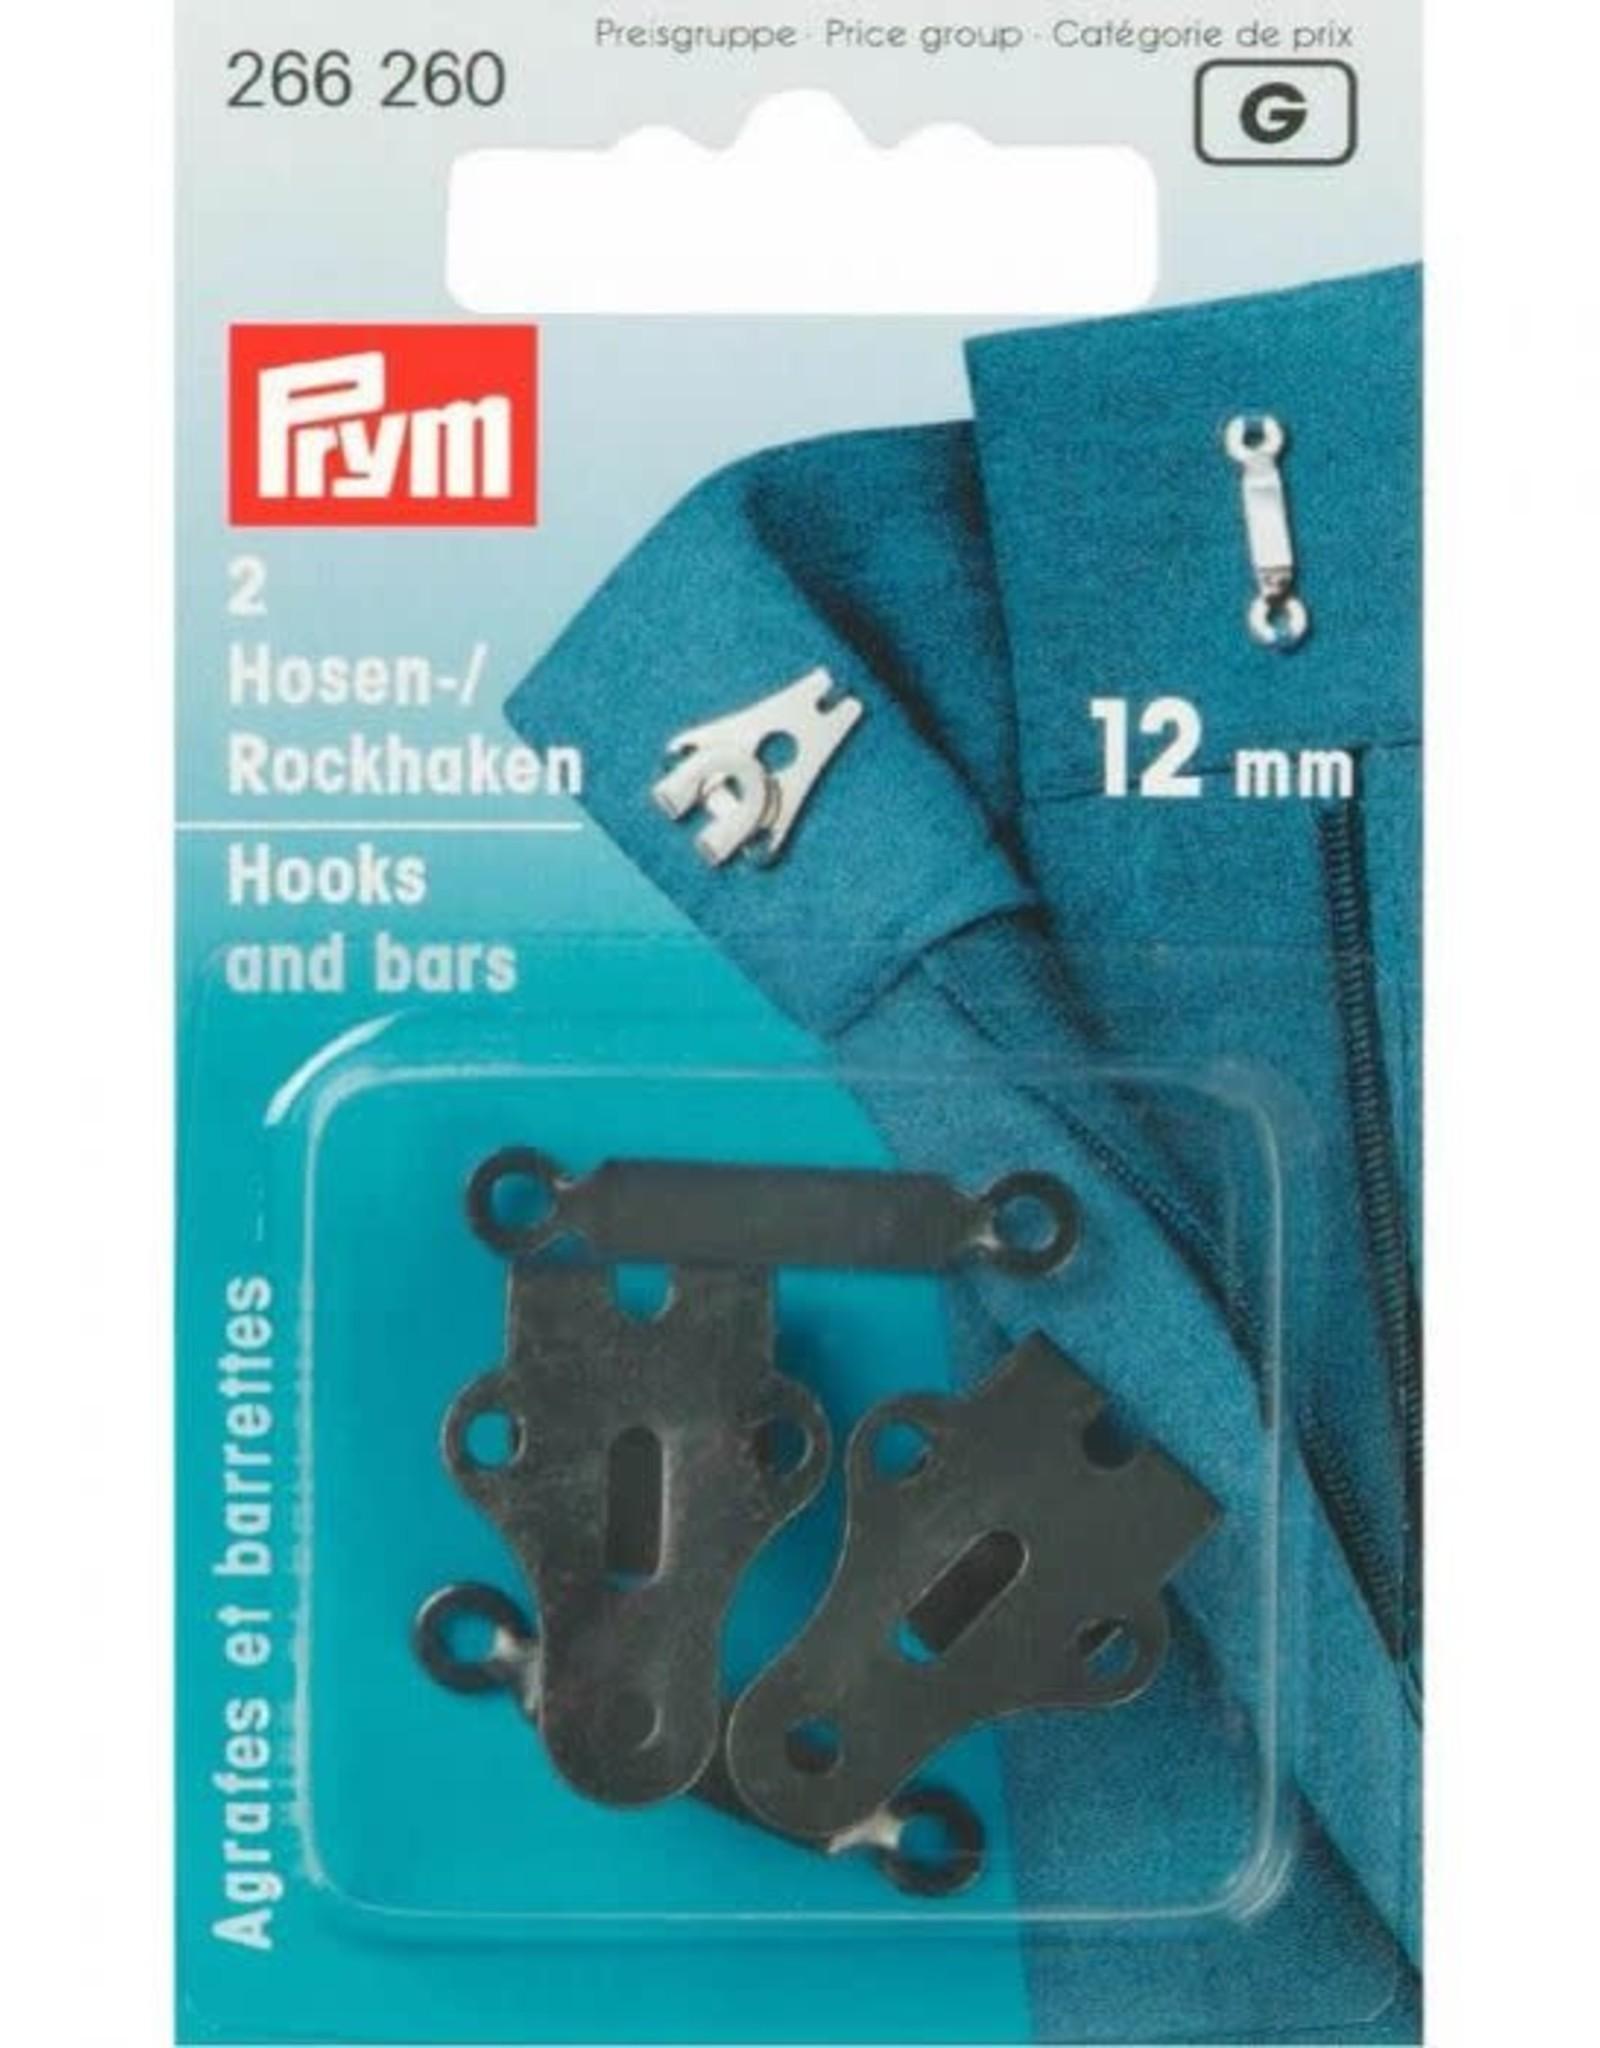 Prym Prym 266.260 - Broek en -rokhaken 12mm - Gunmetal